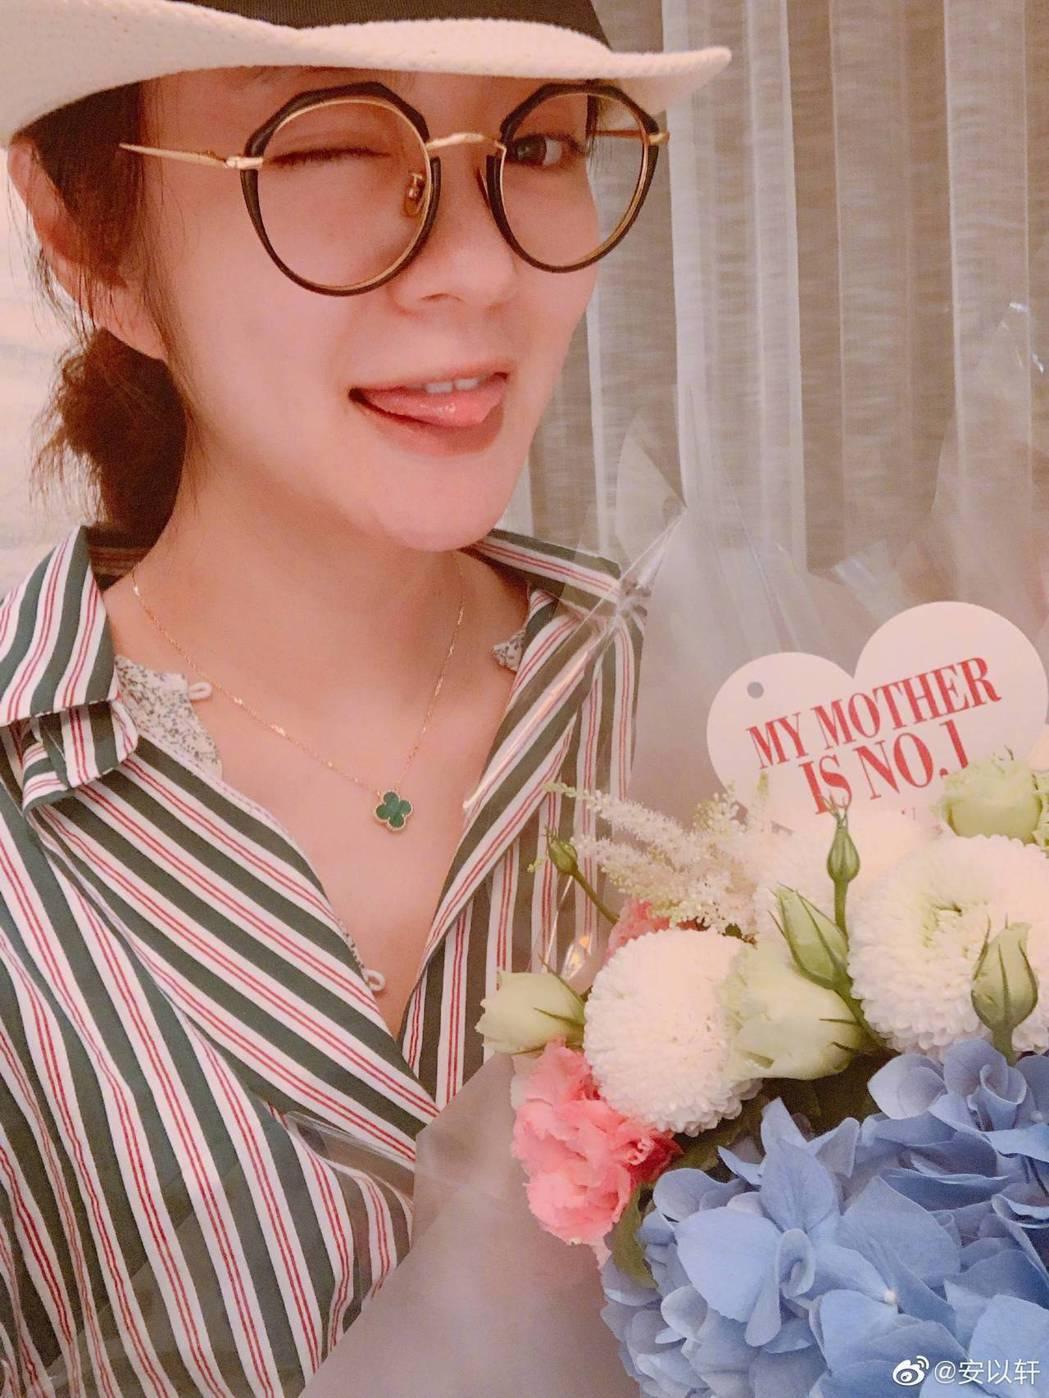 安以軒手中的花是老公替肚中孩子「66」送的母親節禮物。圖/摘自微博